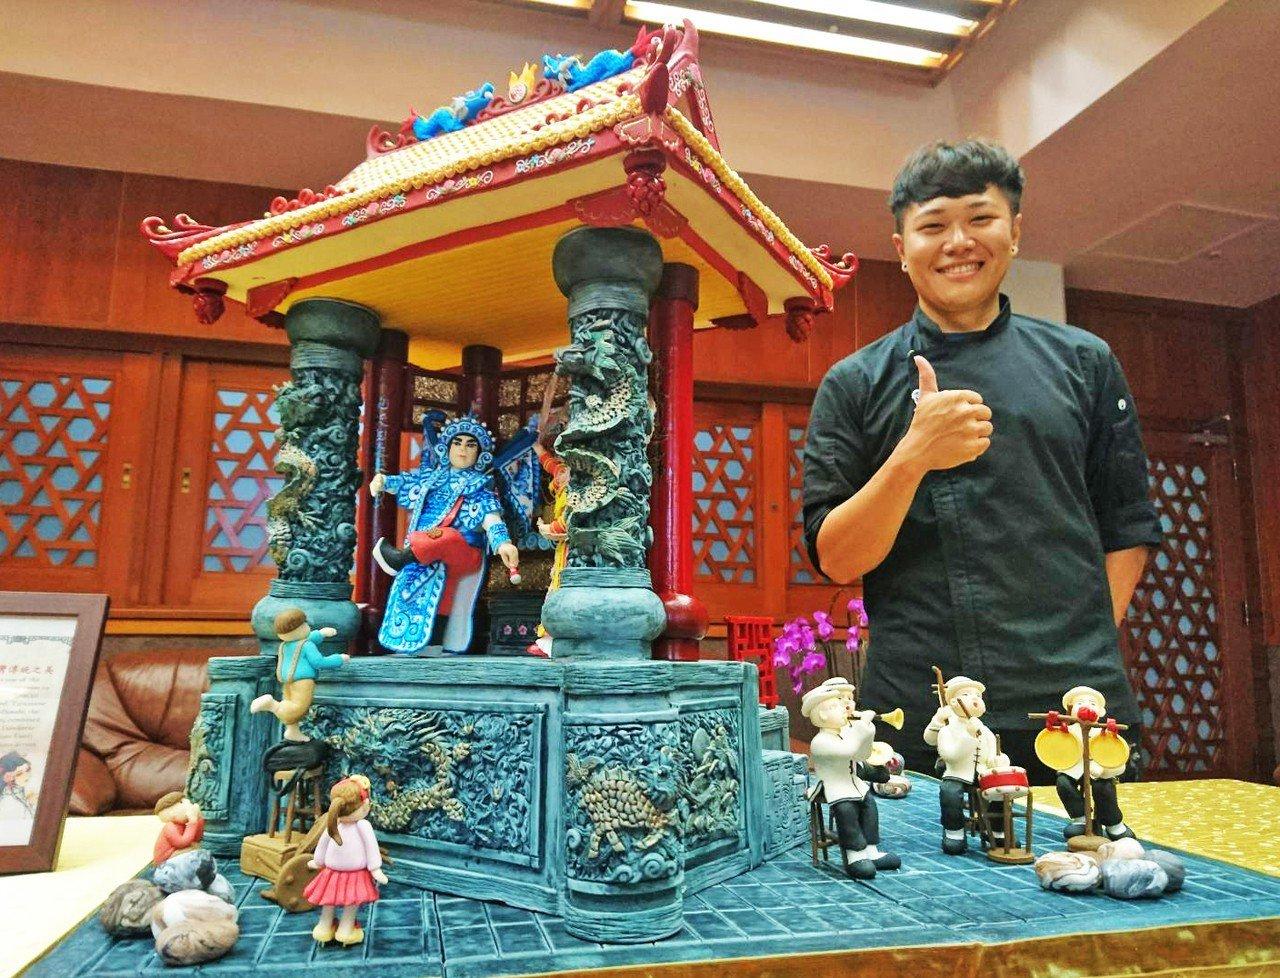 泰國極限廚師挑戰賽(TUCC)是亞洲重要的廚藝競賽,台灣的城市科大餐飲系學生蕭仁...